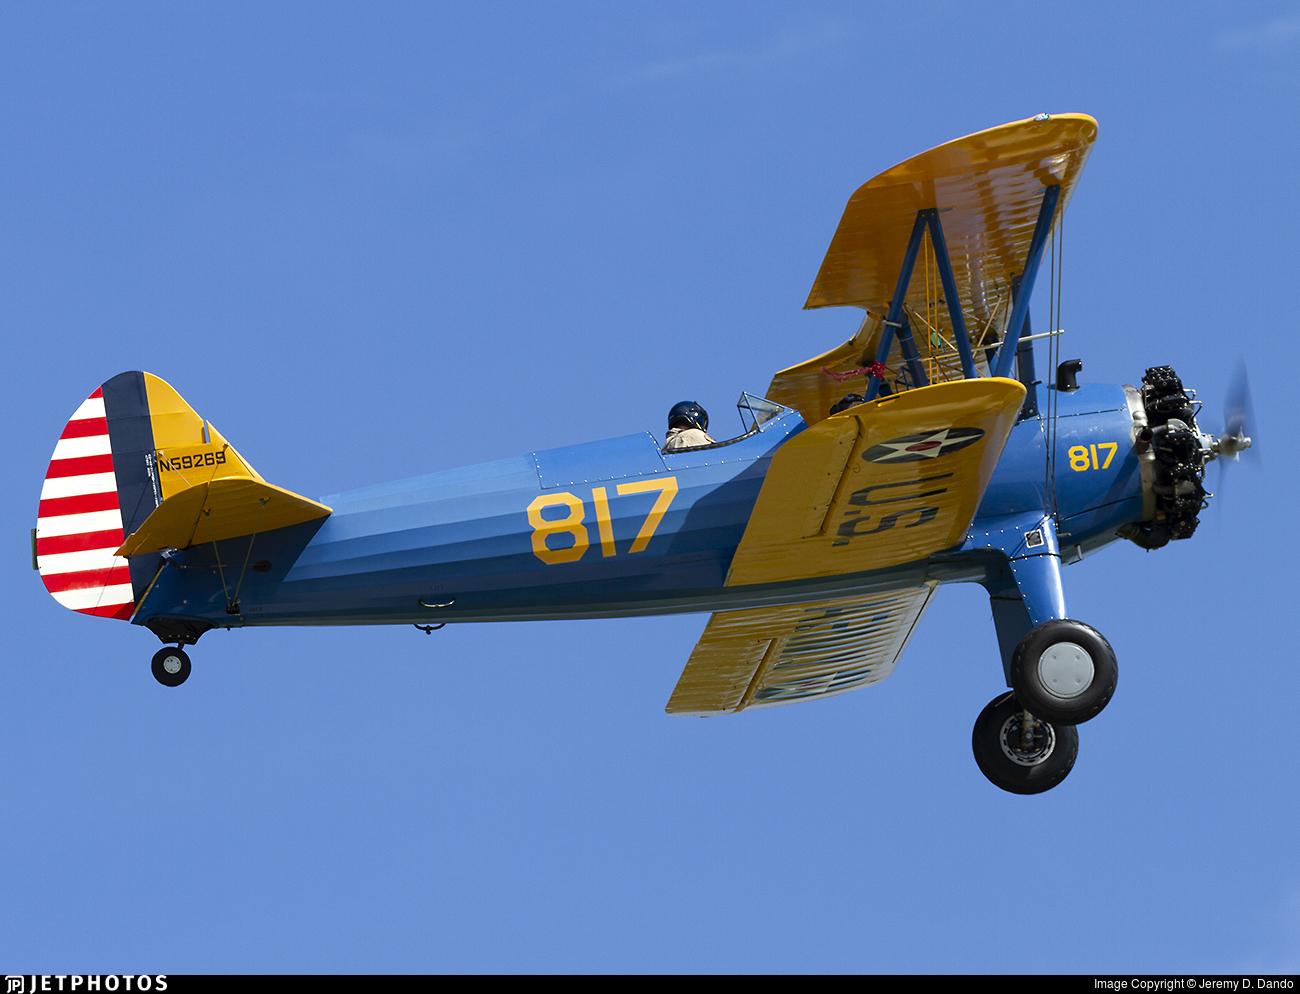 N59269 - Boeing A-75L300 - Private